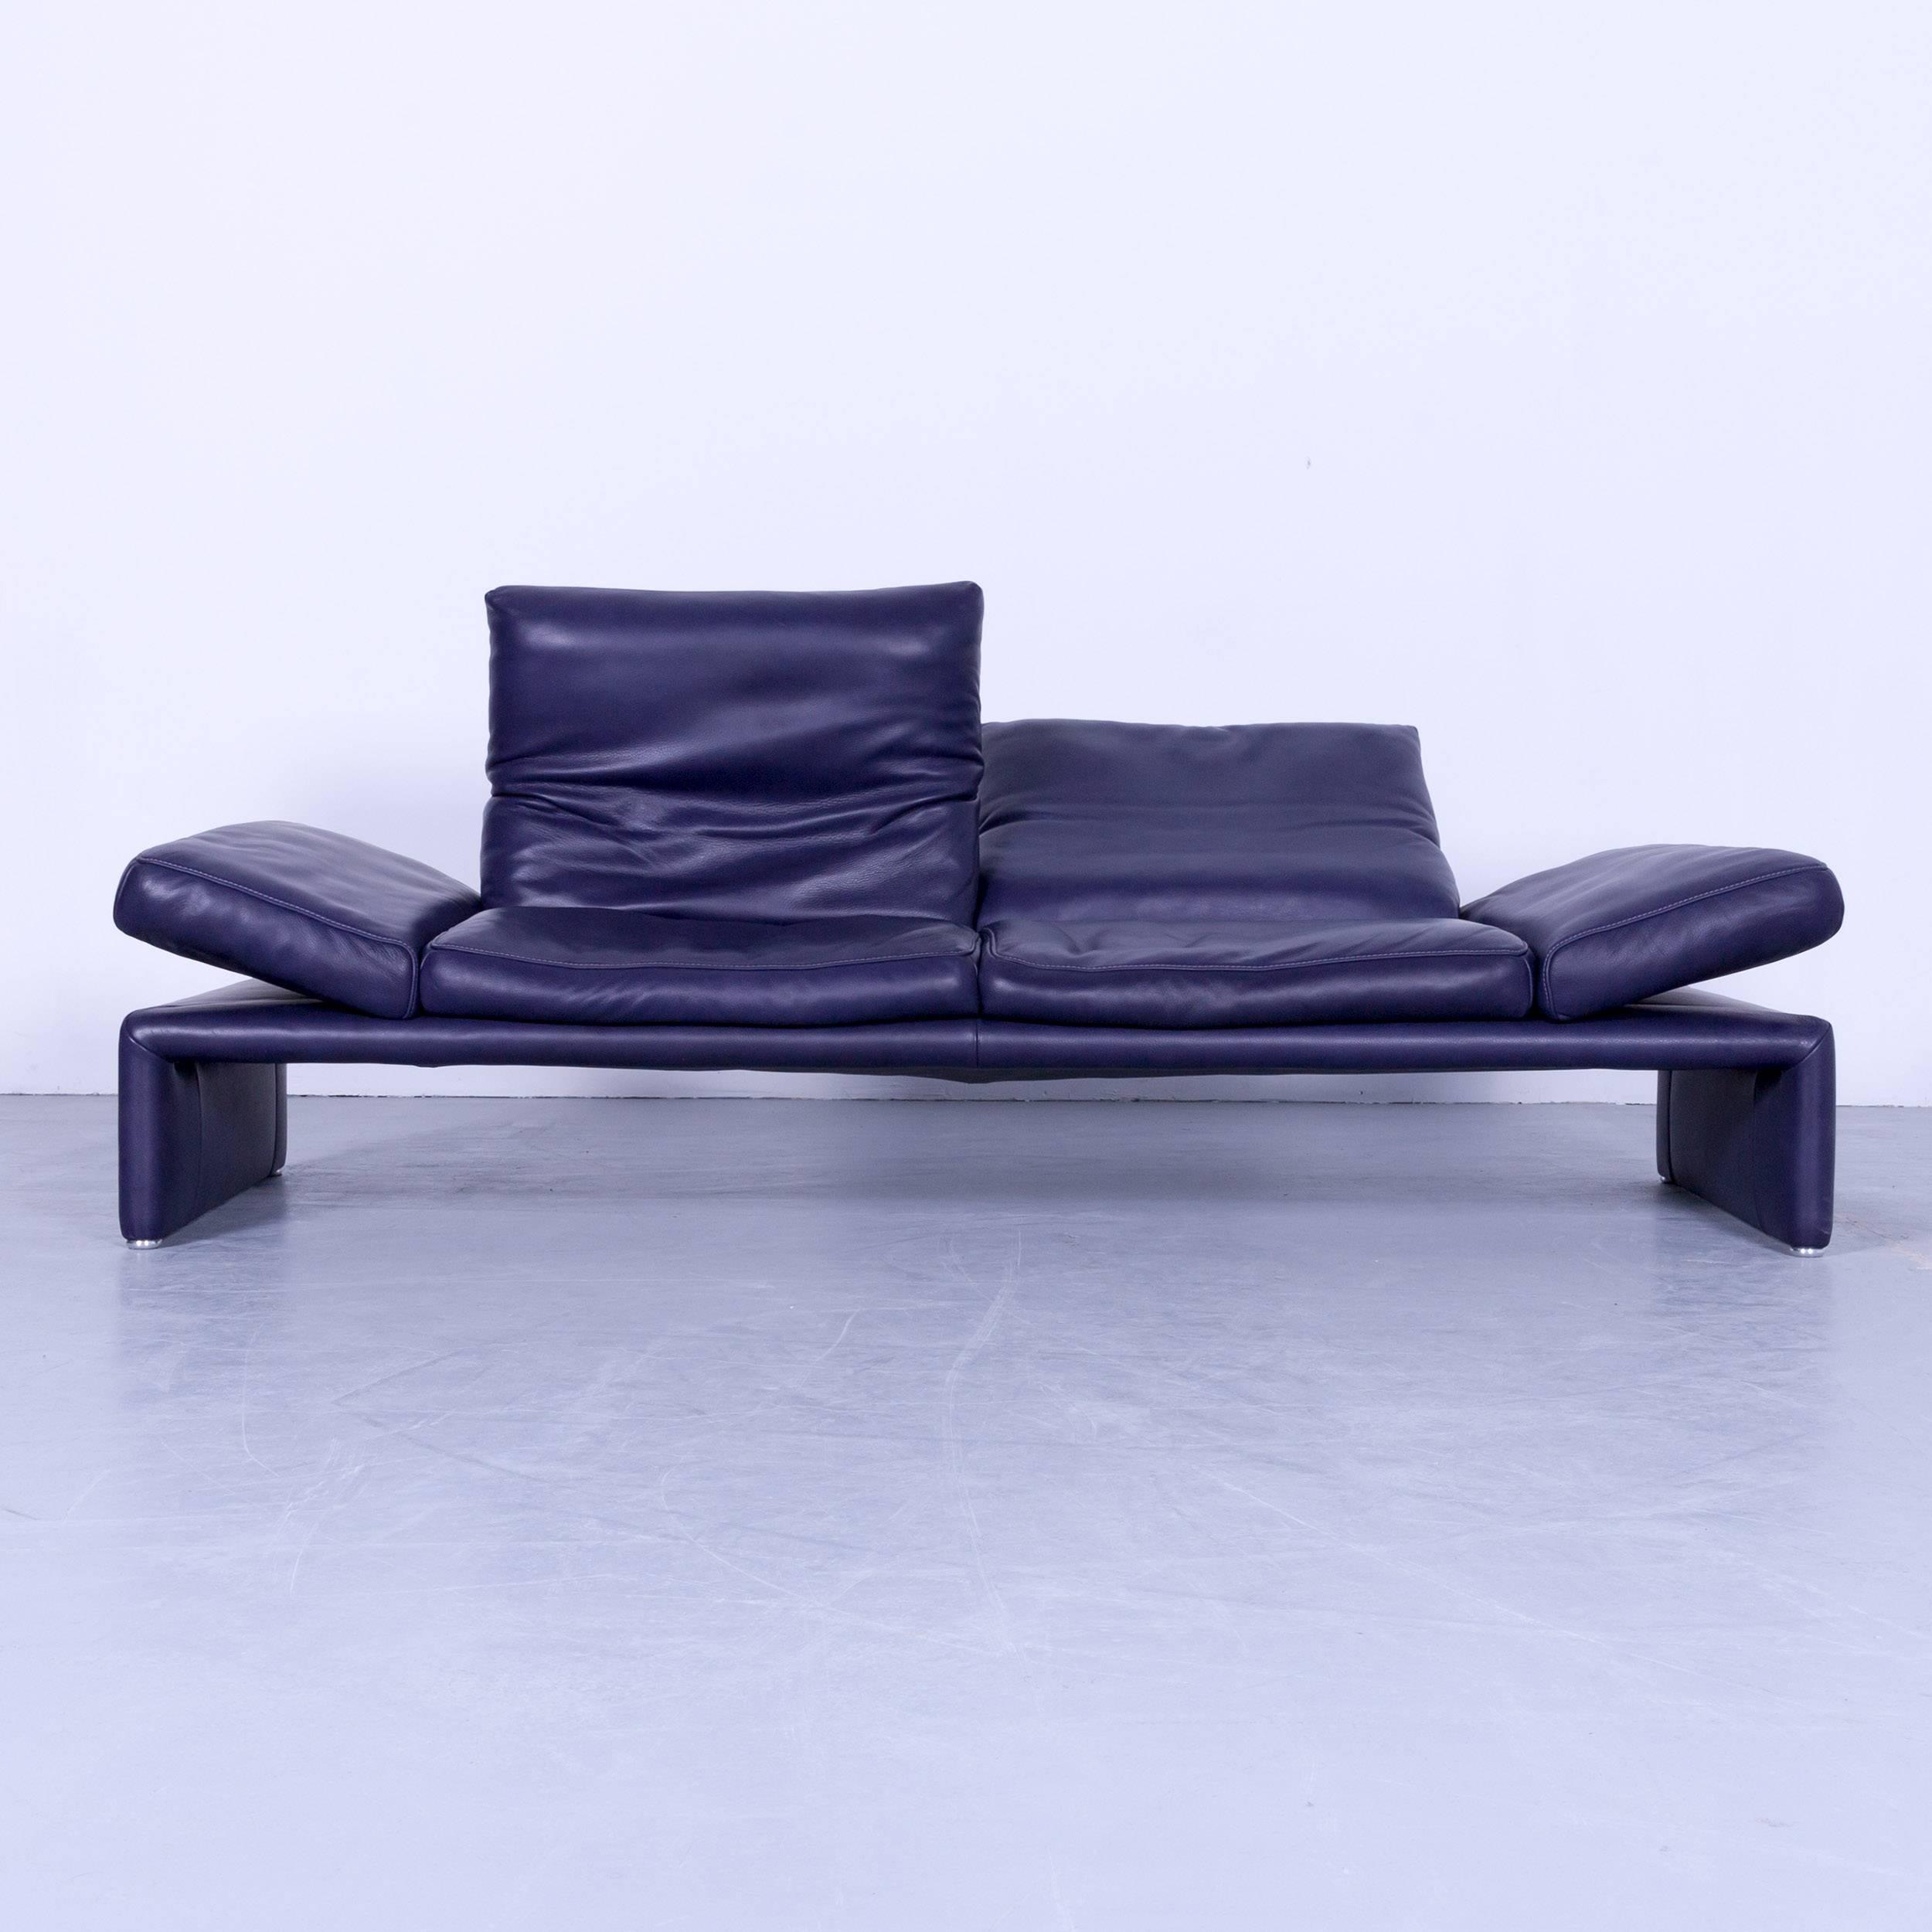 sofa mit funktion top ergebnis sofa mit funktion kaufen einzigartig sofas u sessel leder sofa. Black Bedroom Furniture Sets. Home Design Ideas